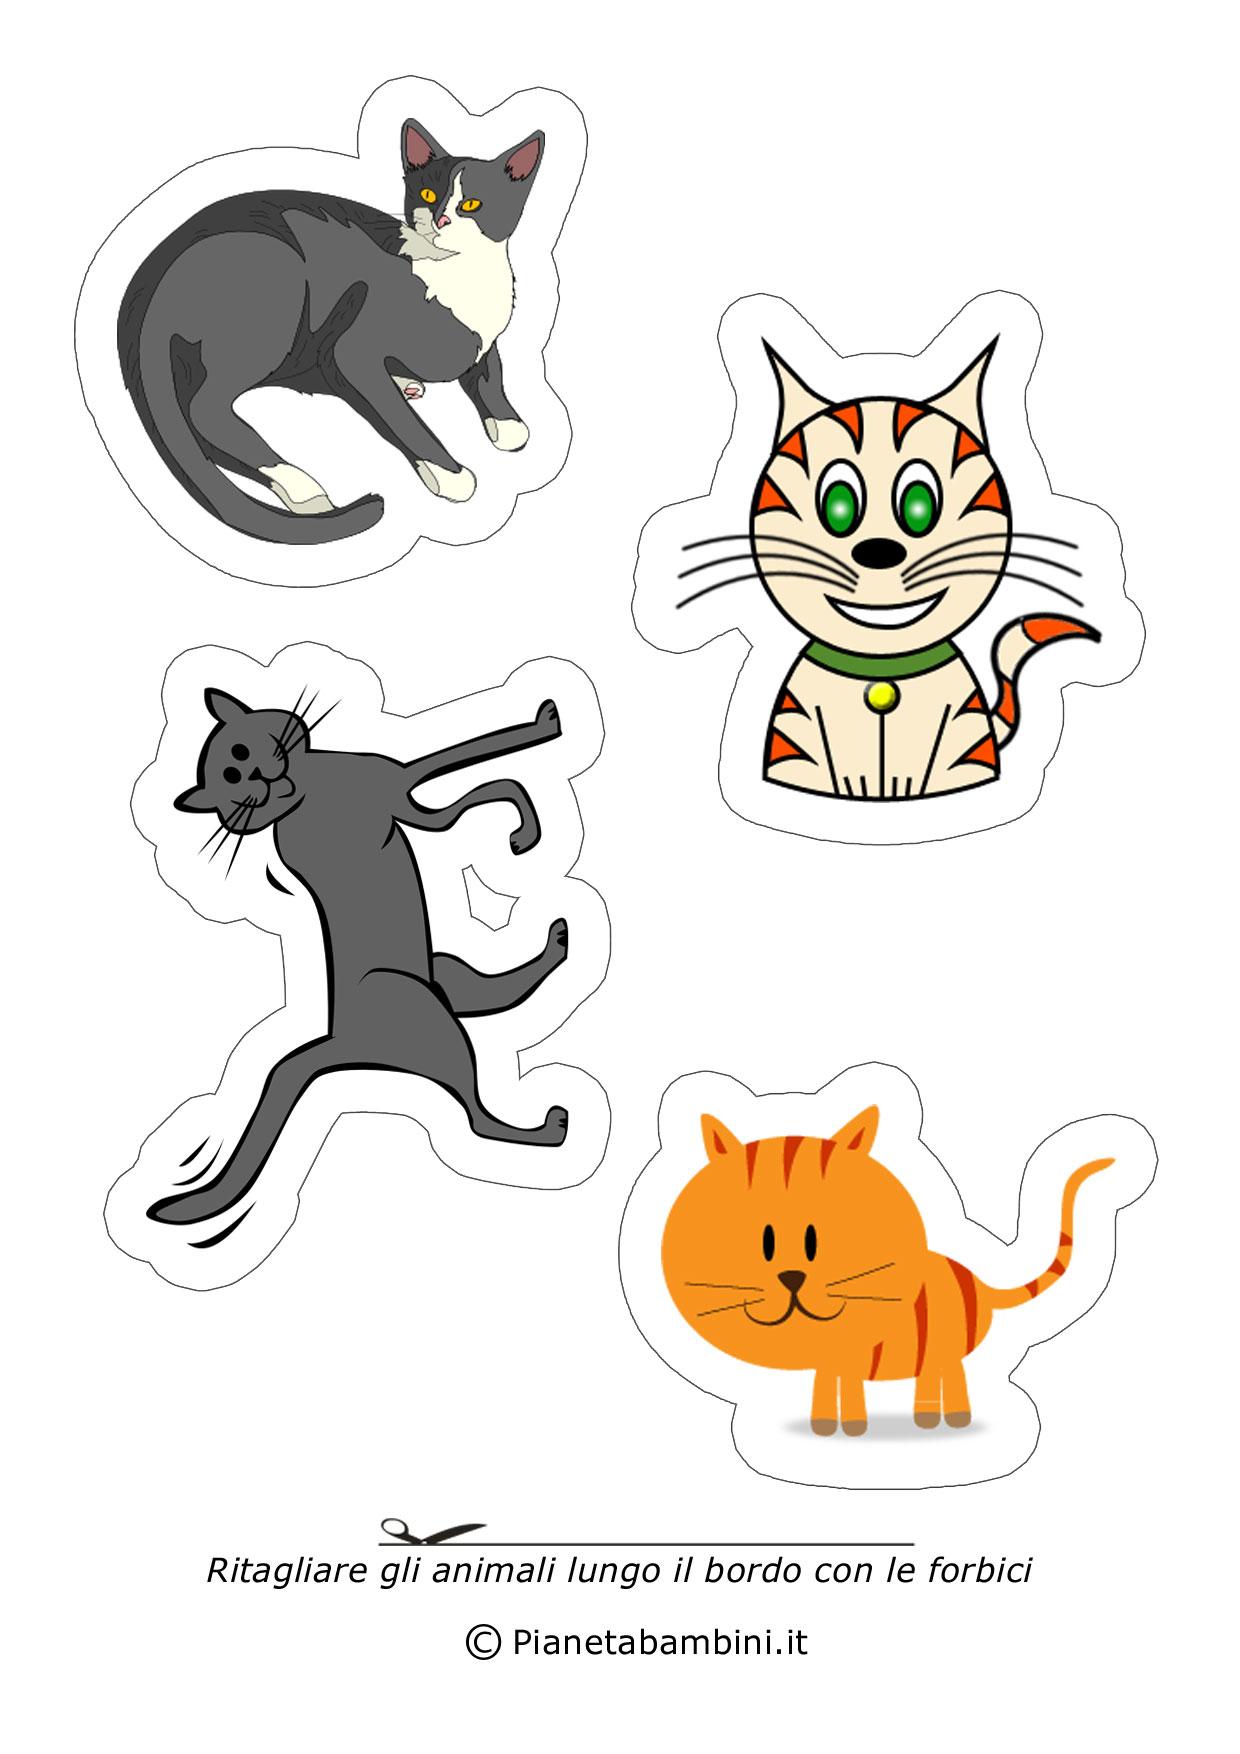 Disegni di animali da ritagliare e incollare per bambini - Immagini di animali da stampare gratuitamente ...